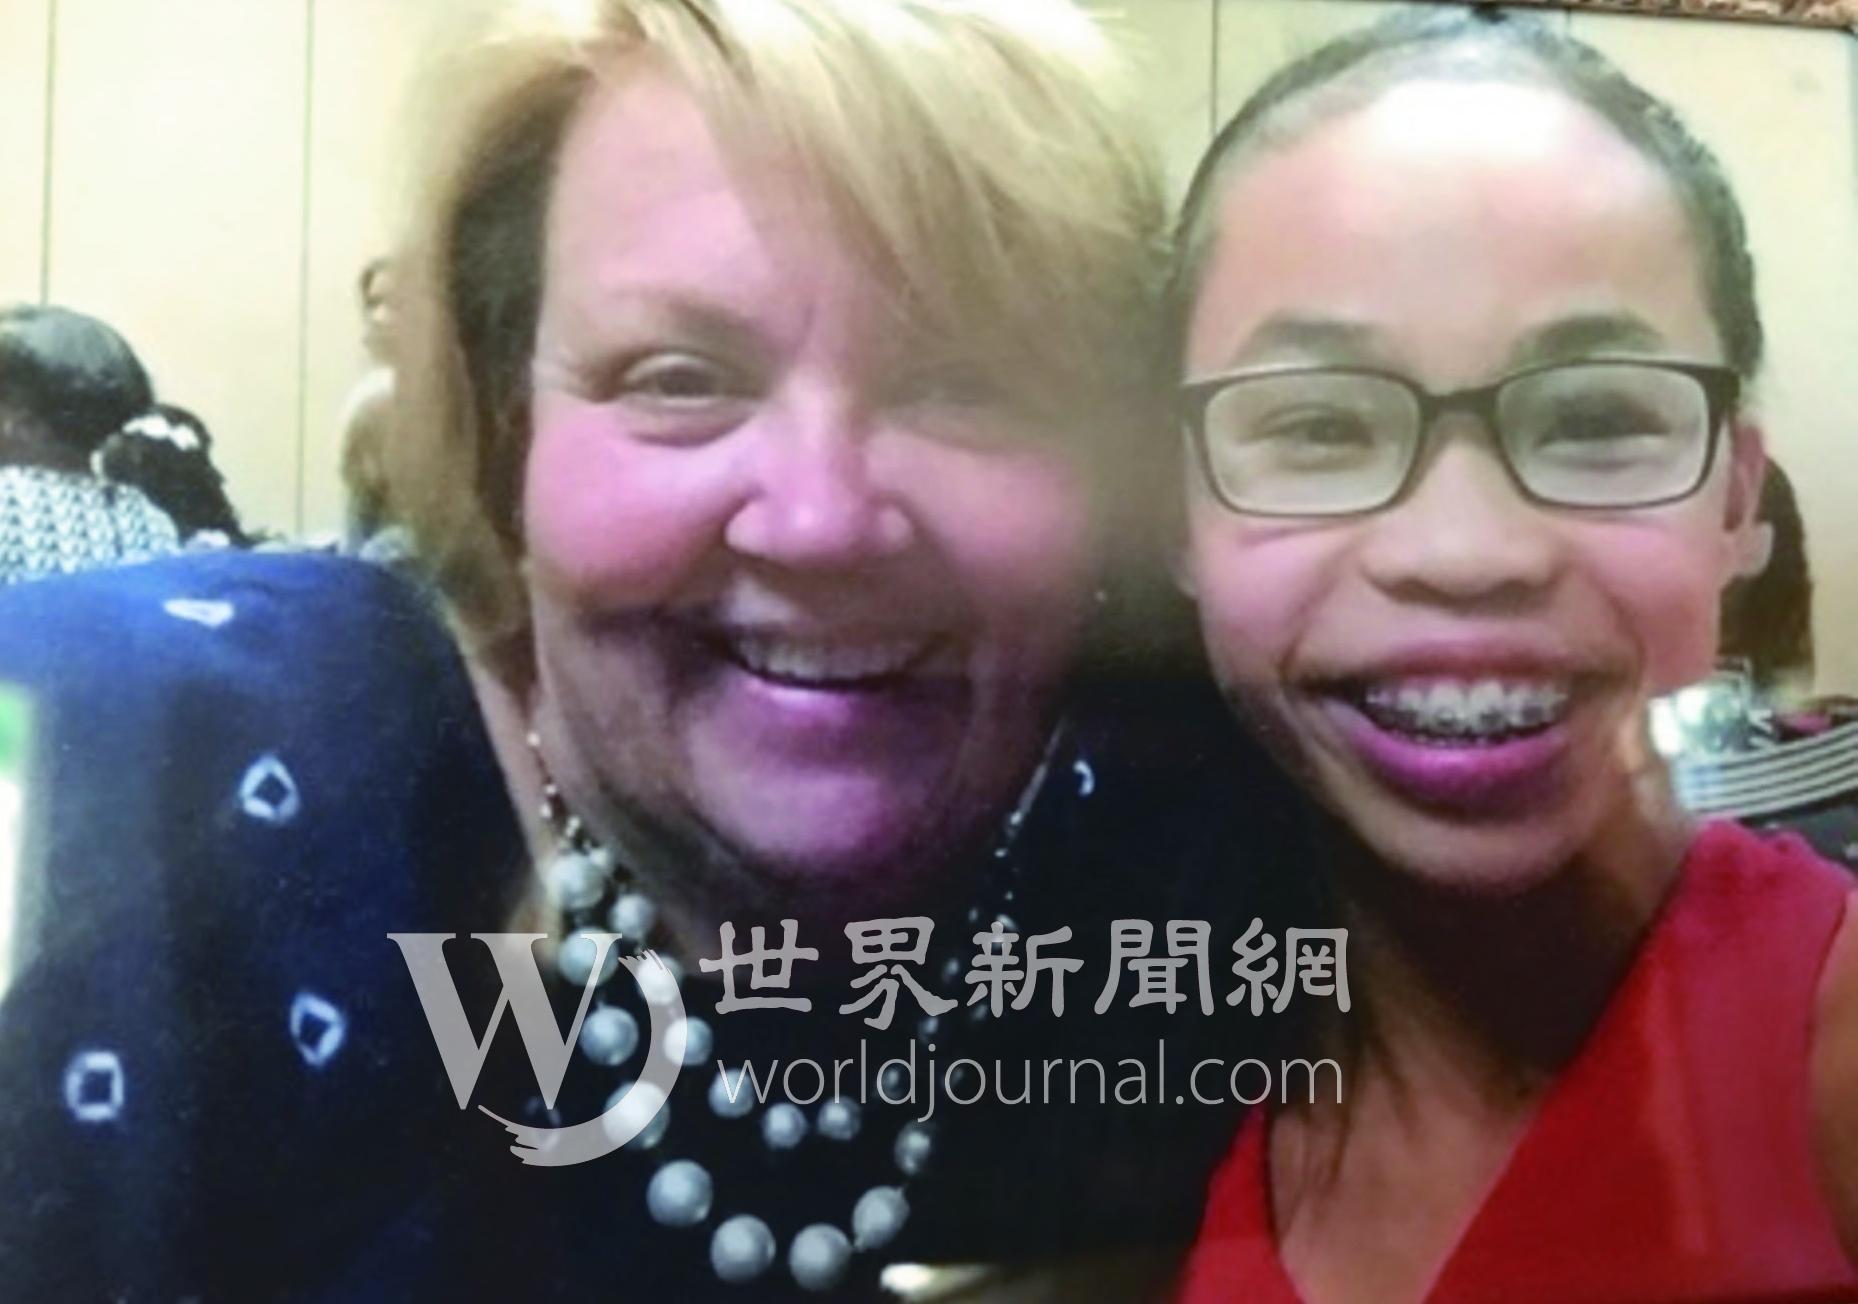 體操新星吳穎思被母親雪莉從中國廣西收養,吳穎思表示她喜歡中國。(雪莉提供)